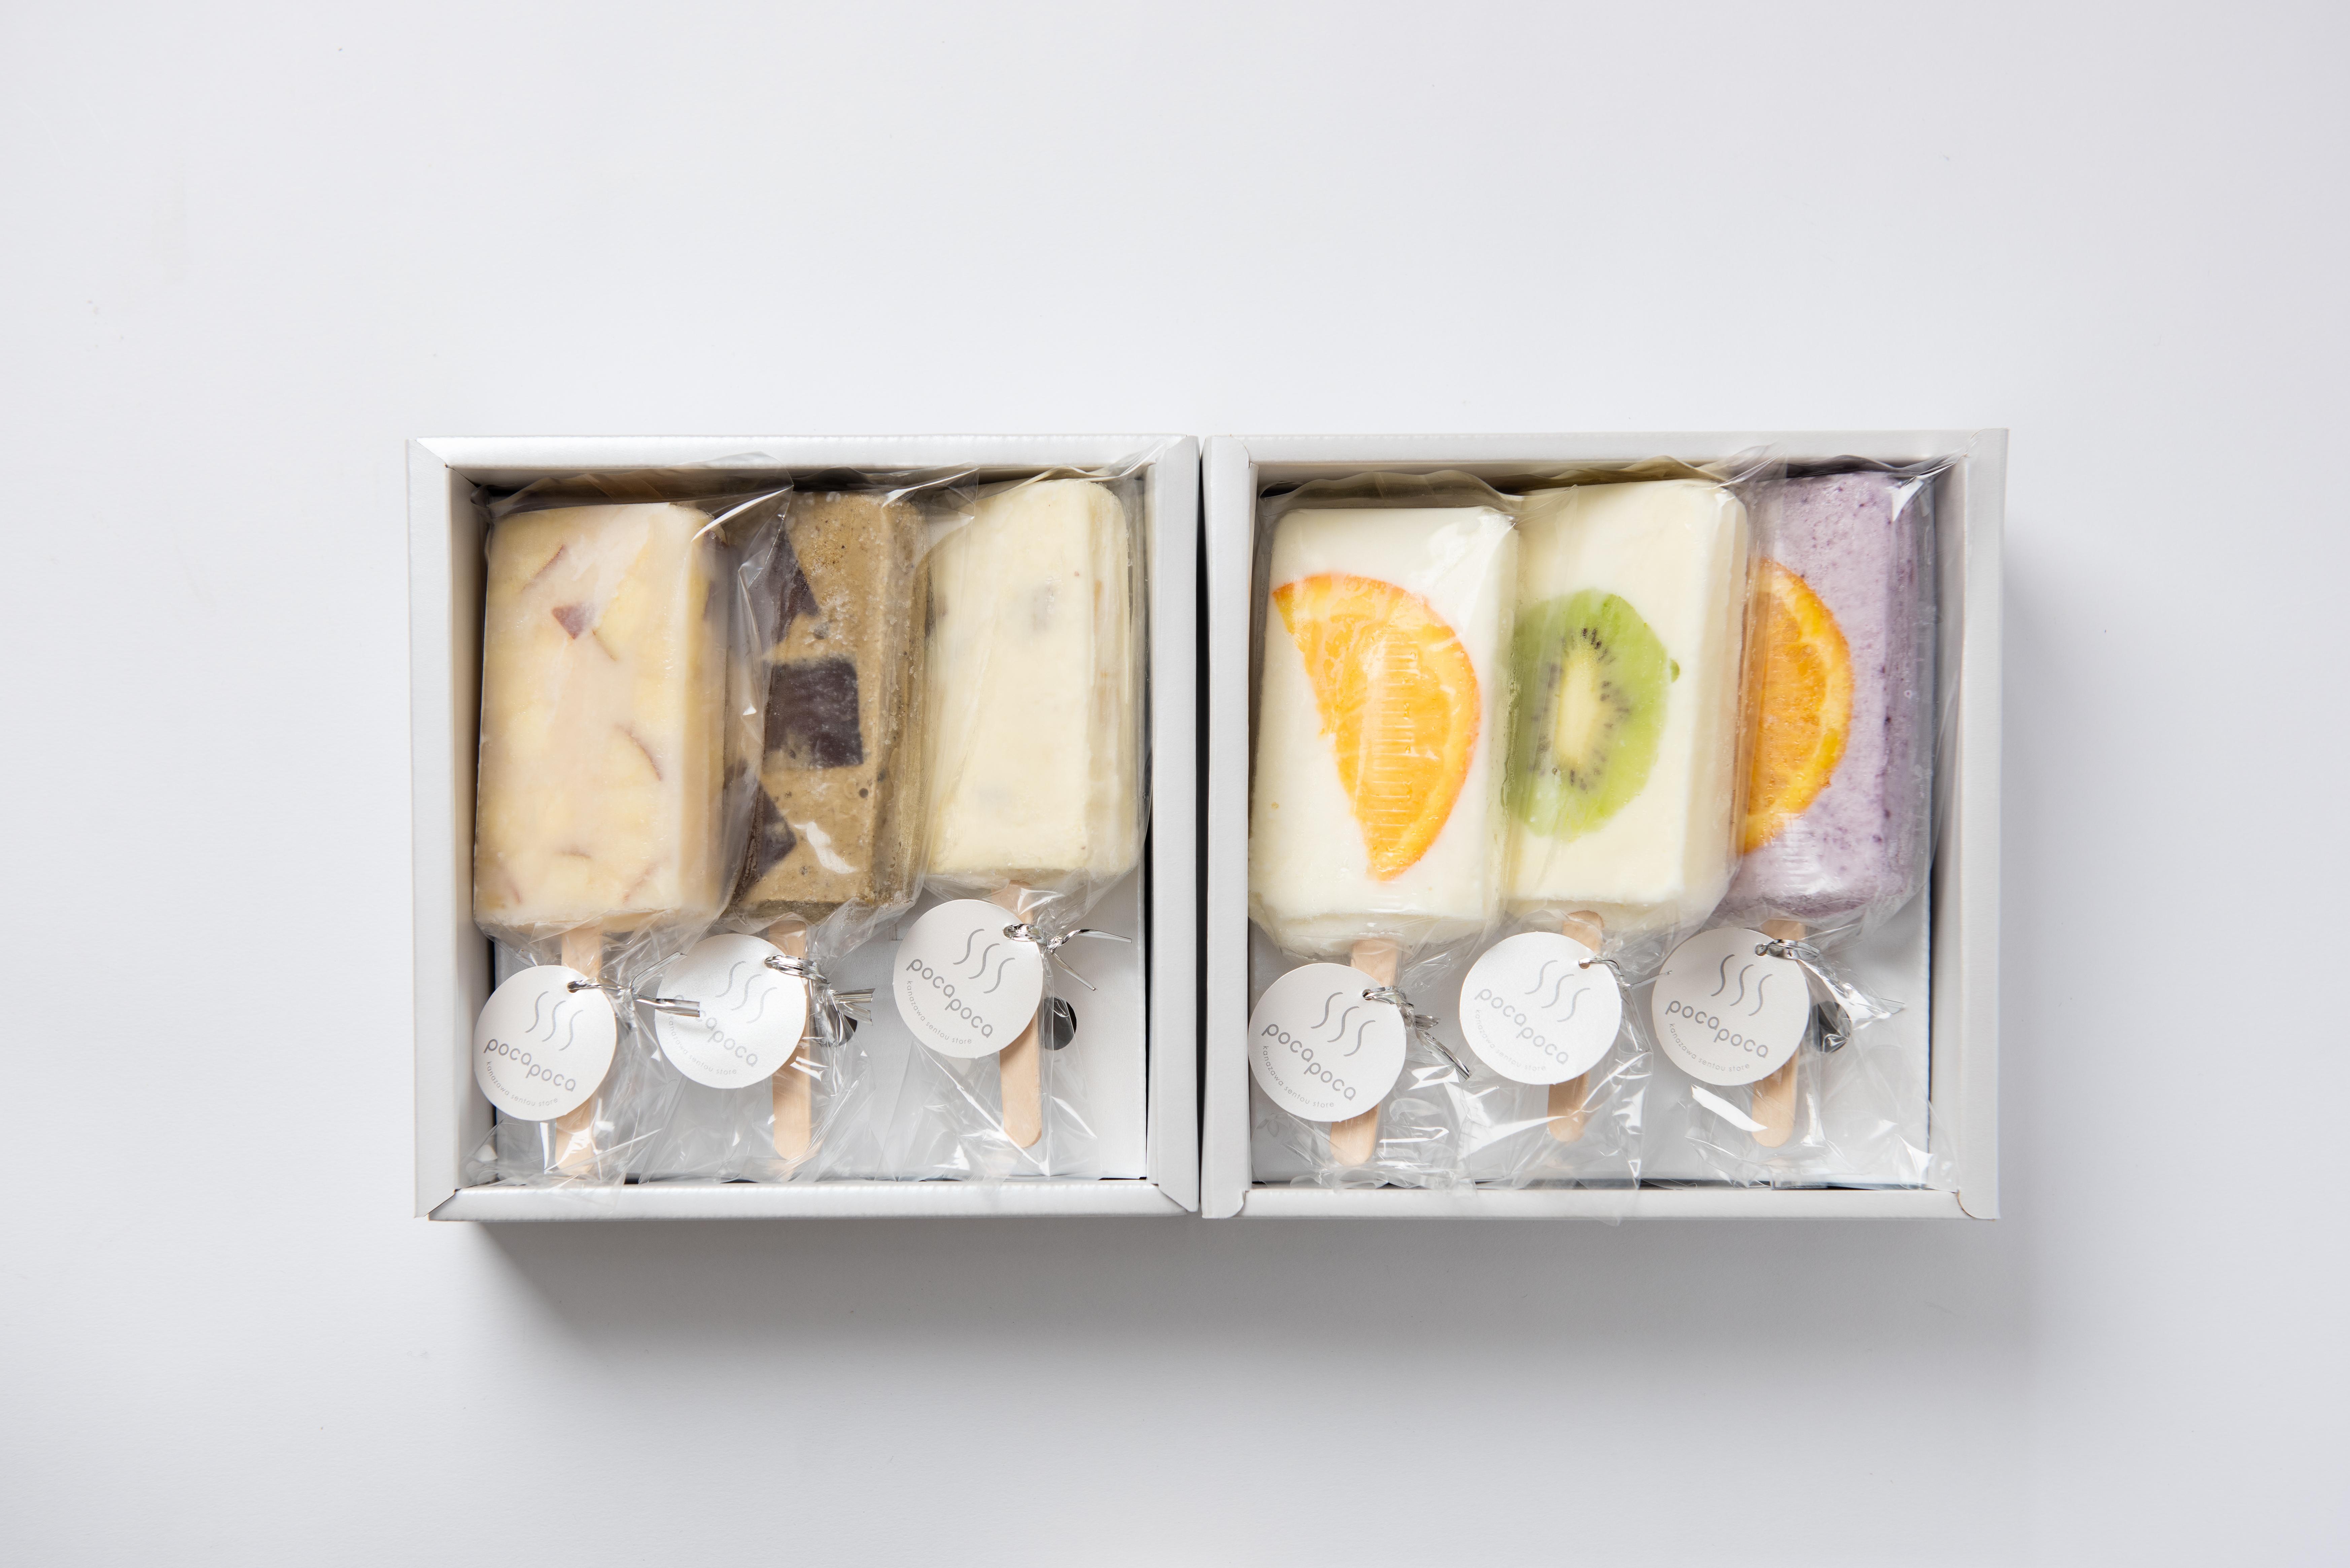 2箱セット (ヨーグルト・金沢)yoghurt mix & Kanazawa mix